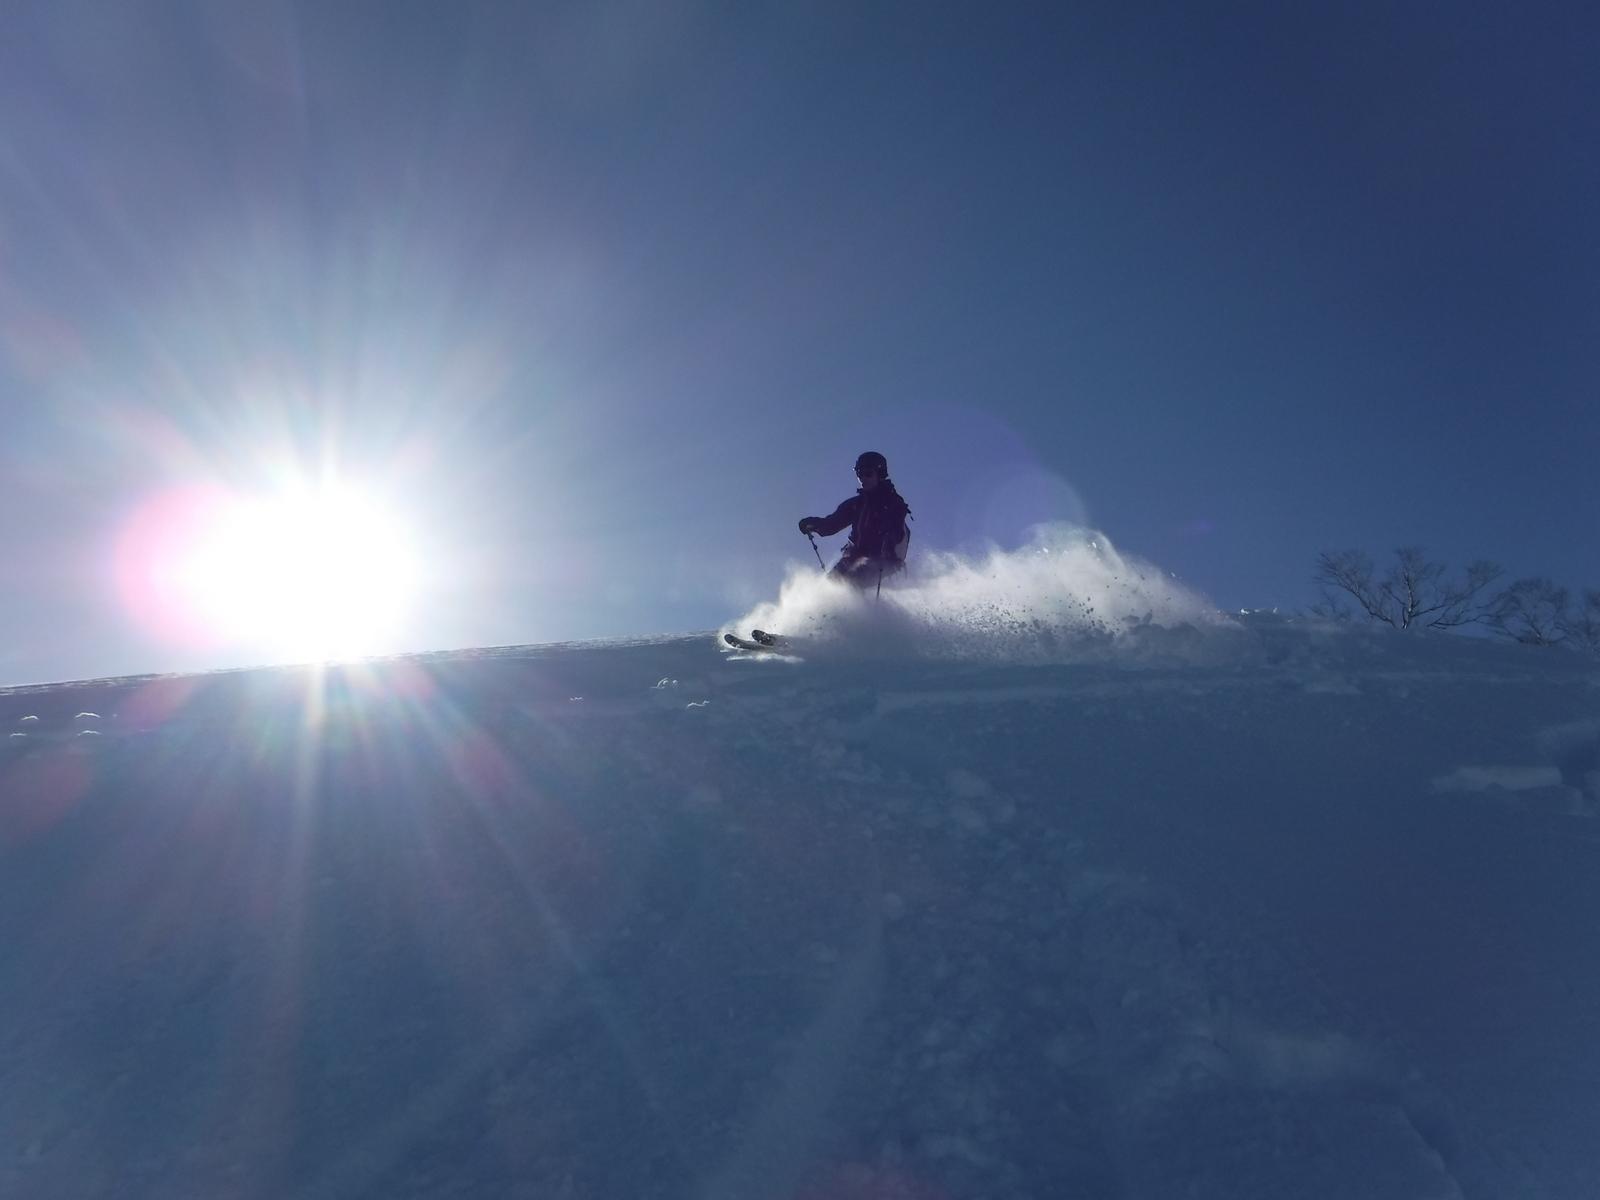 上部は素敵な新雪